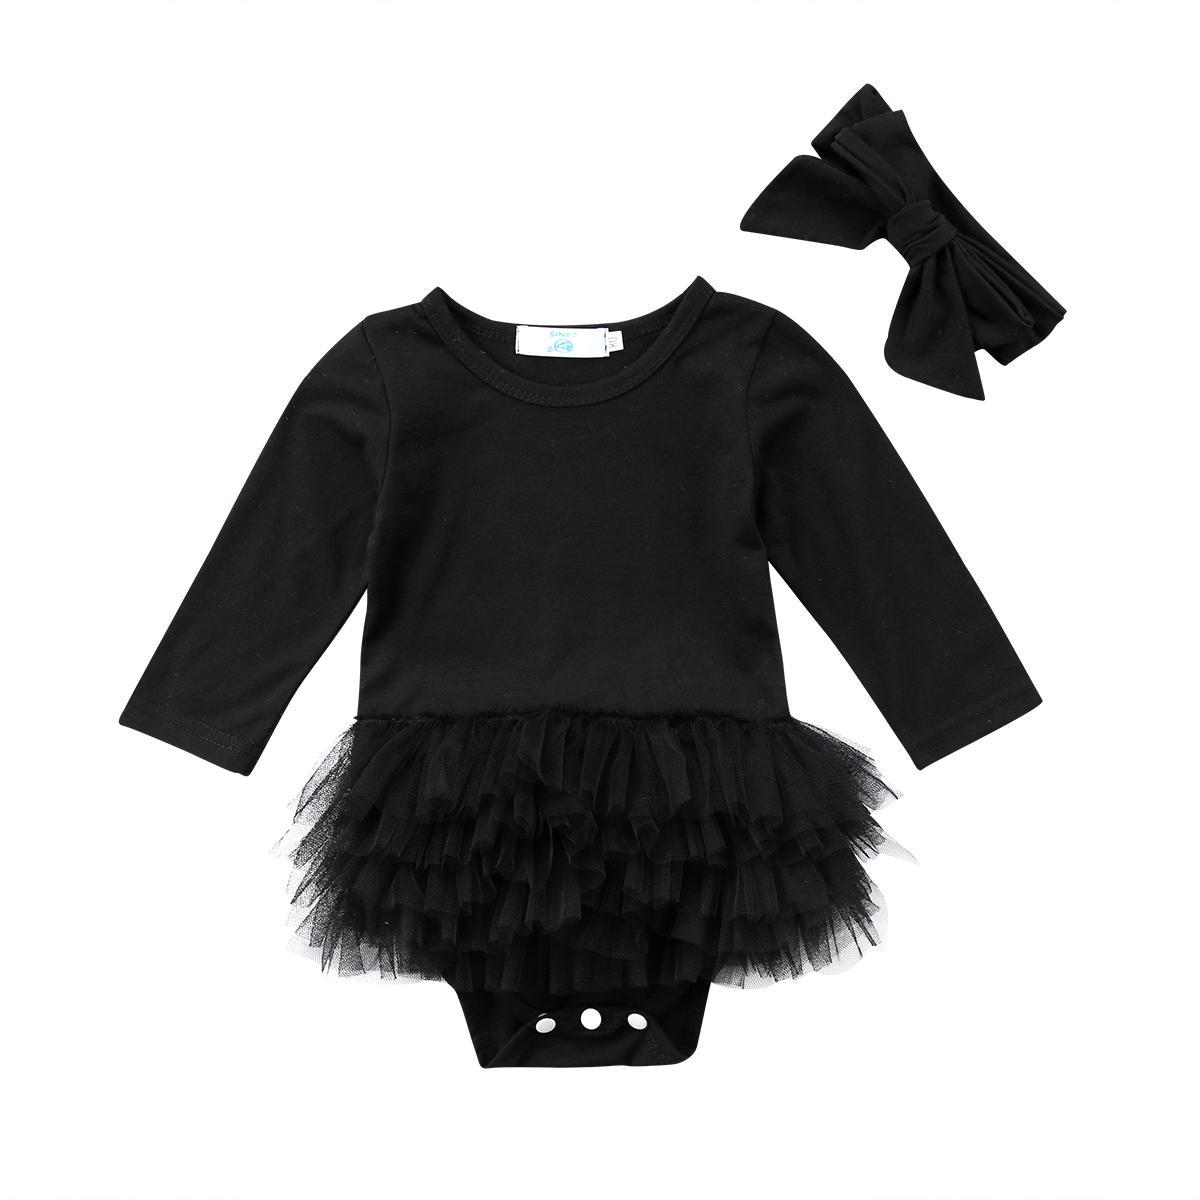 Nouveau-né bébé Romper Jumpsuit Bodysuit Vêtements Bandeau Outfit Ensembles Noir